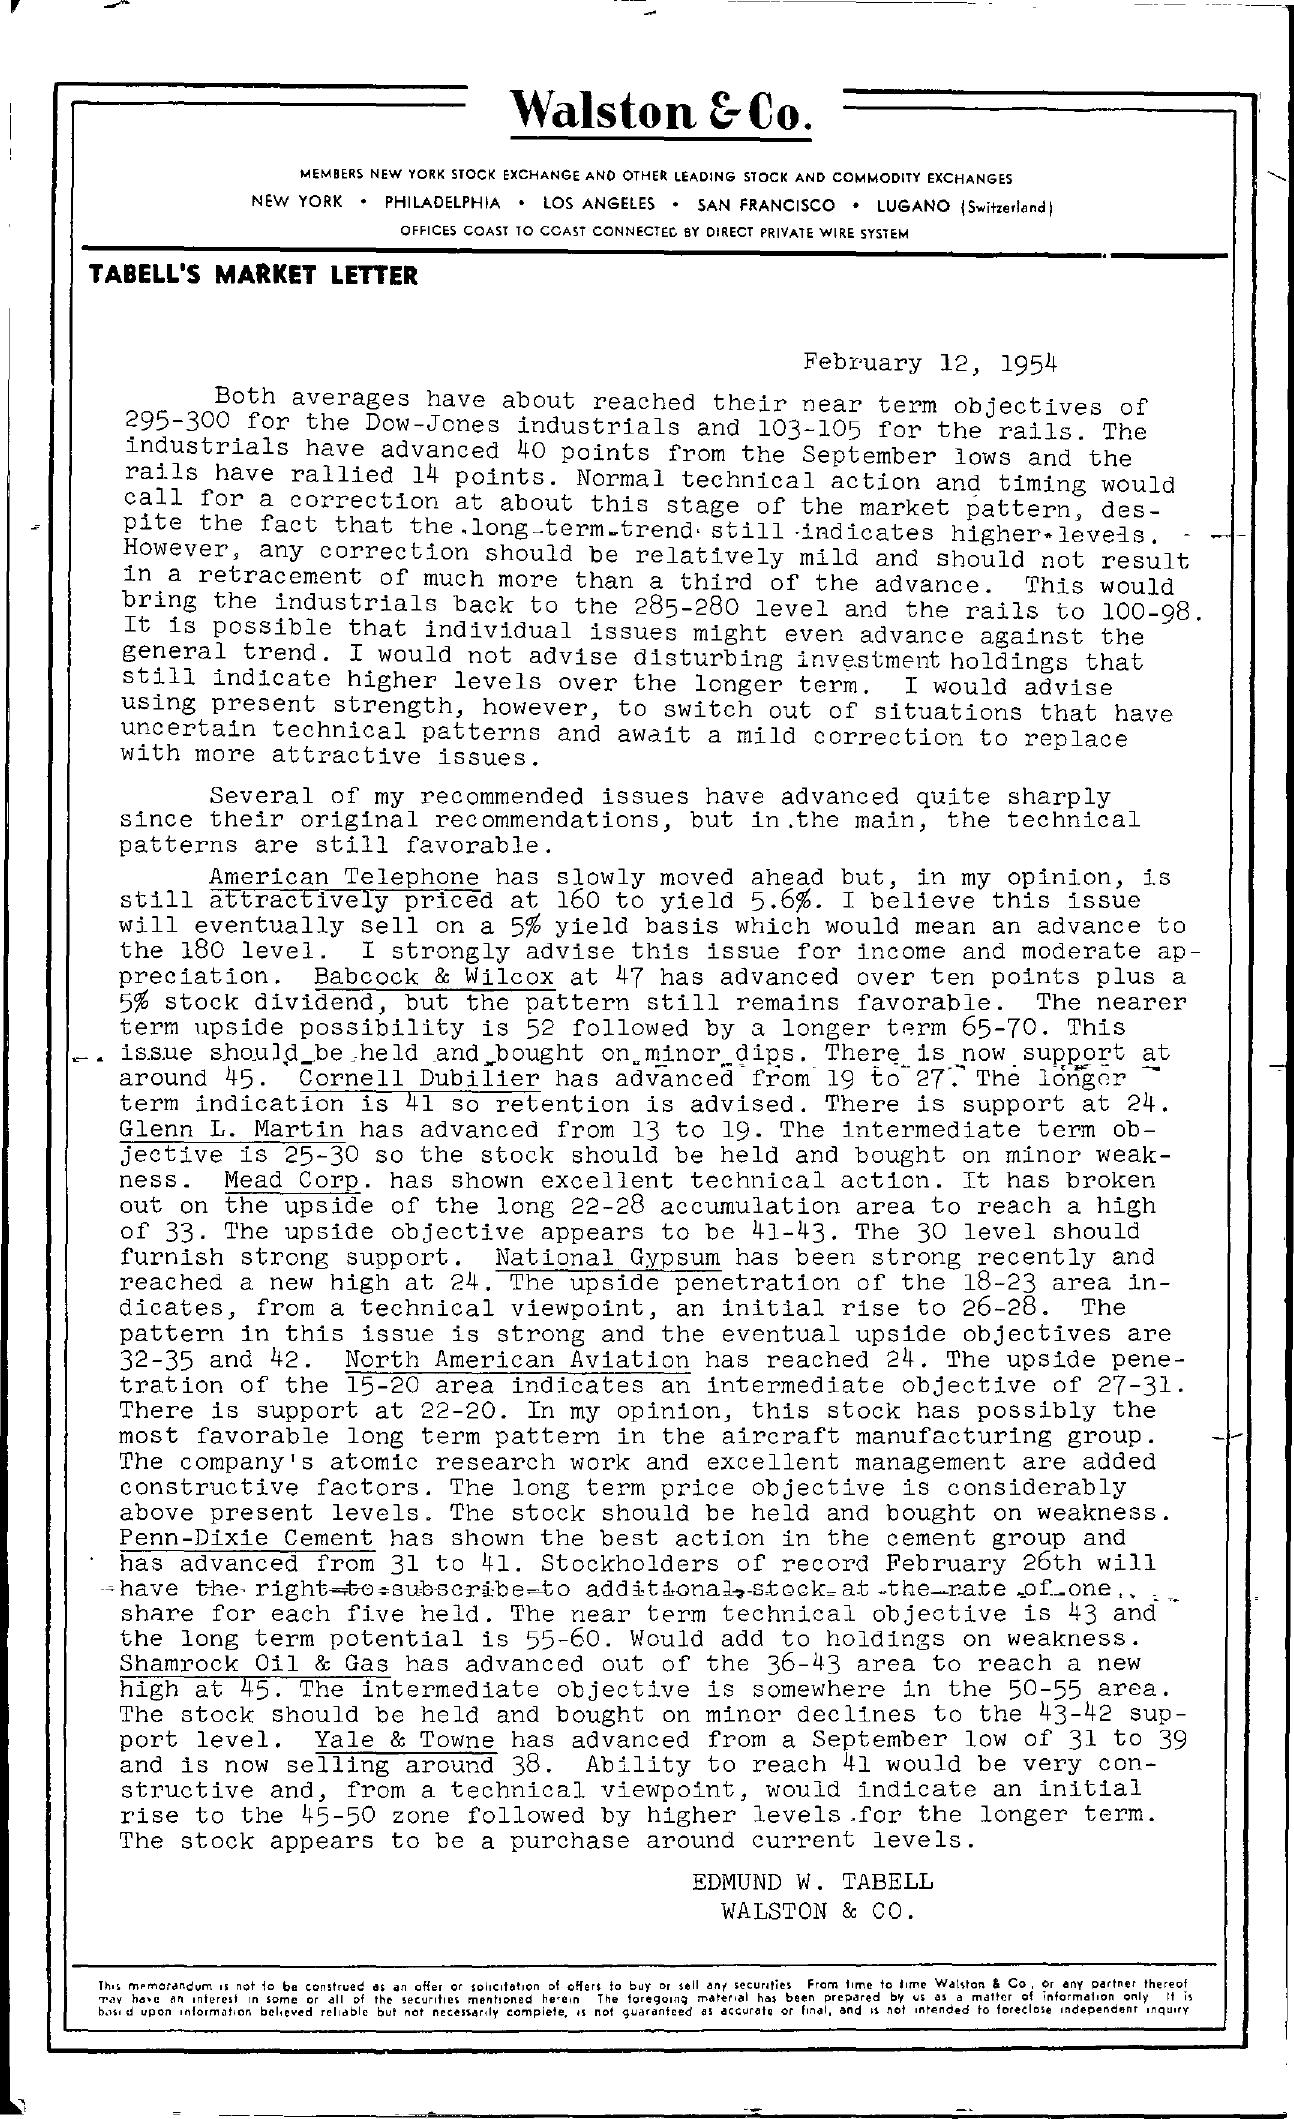 Tabell's Market Letter - February 12, 1954